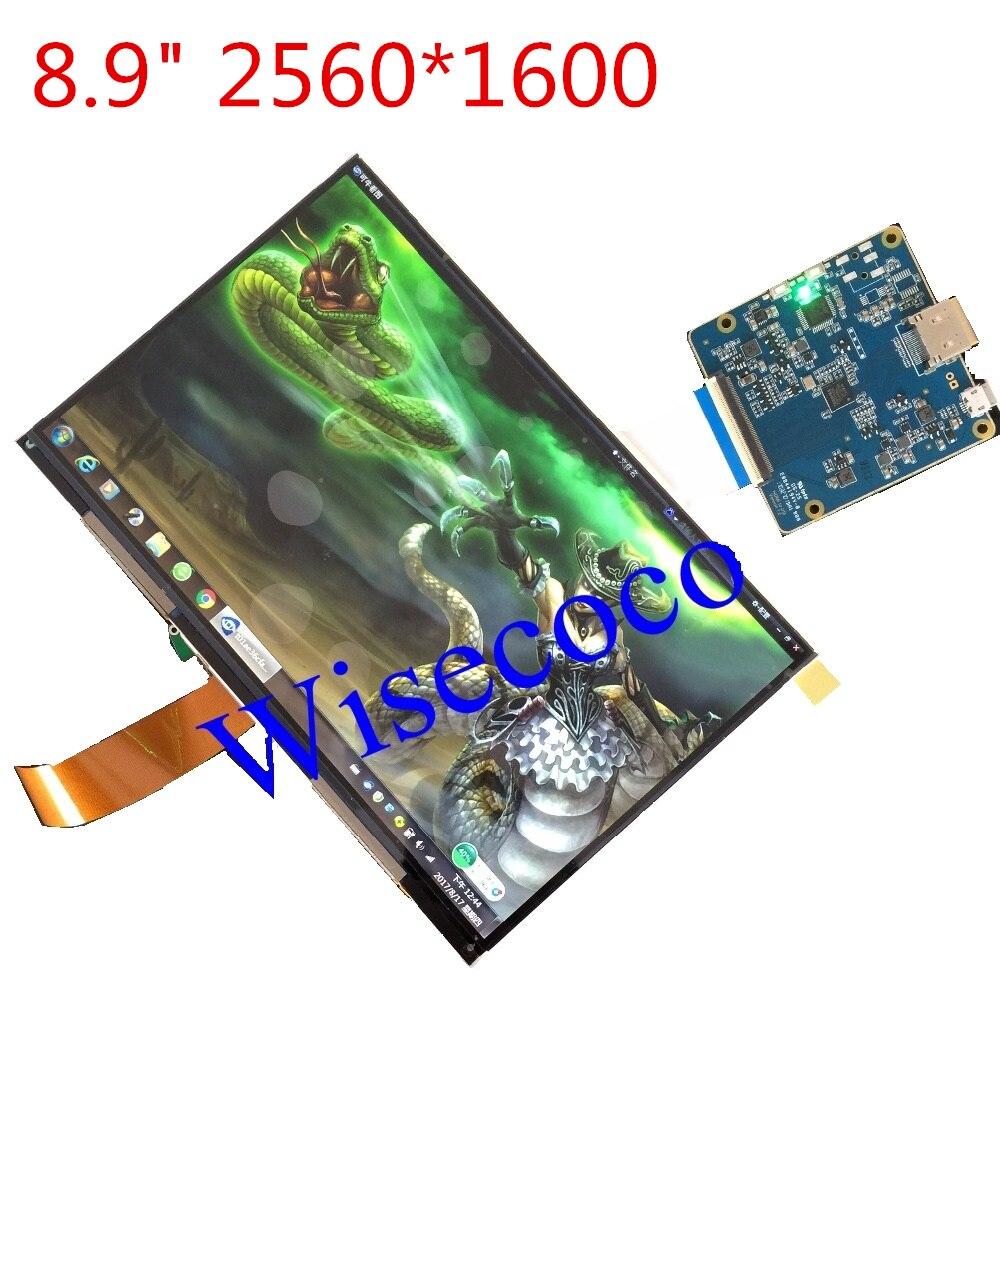 8.9 pouce 2560*1600 WQXGA 2 k LCD Module Écran Lecteur Conseil HDMI Affichage DIY Projecteur Kit 3D Imprimante moniteur